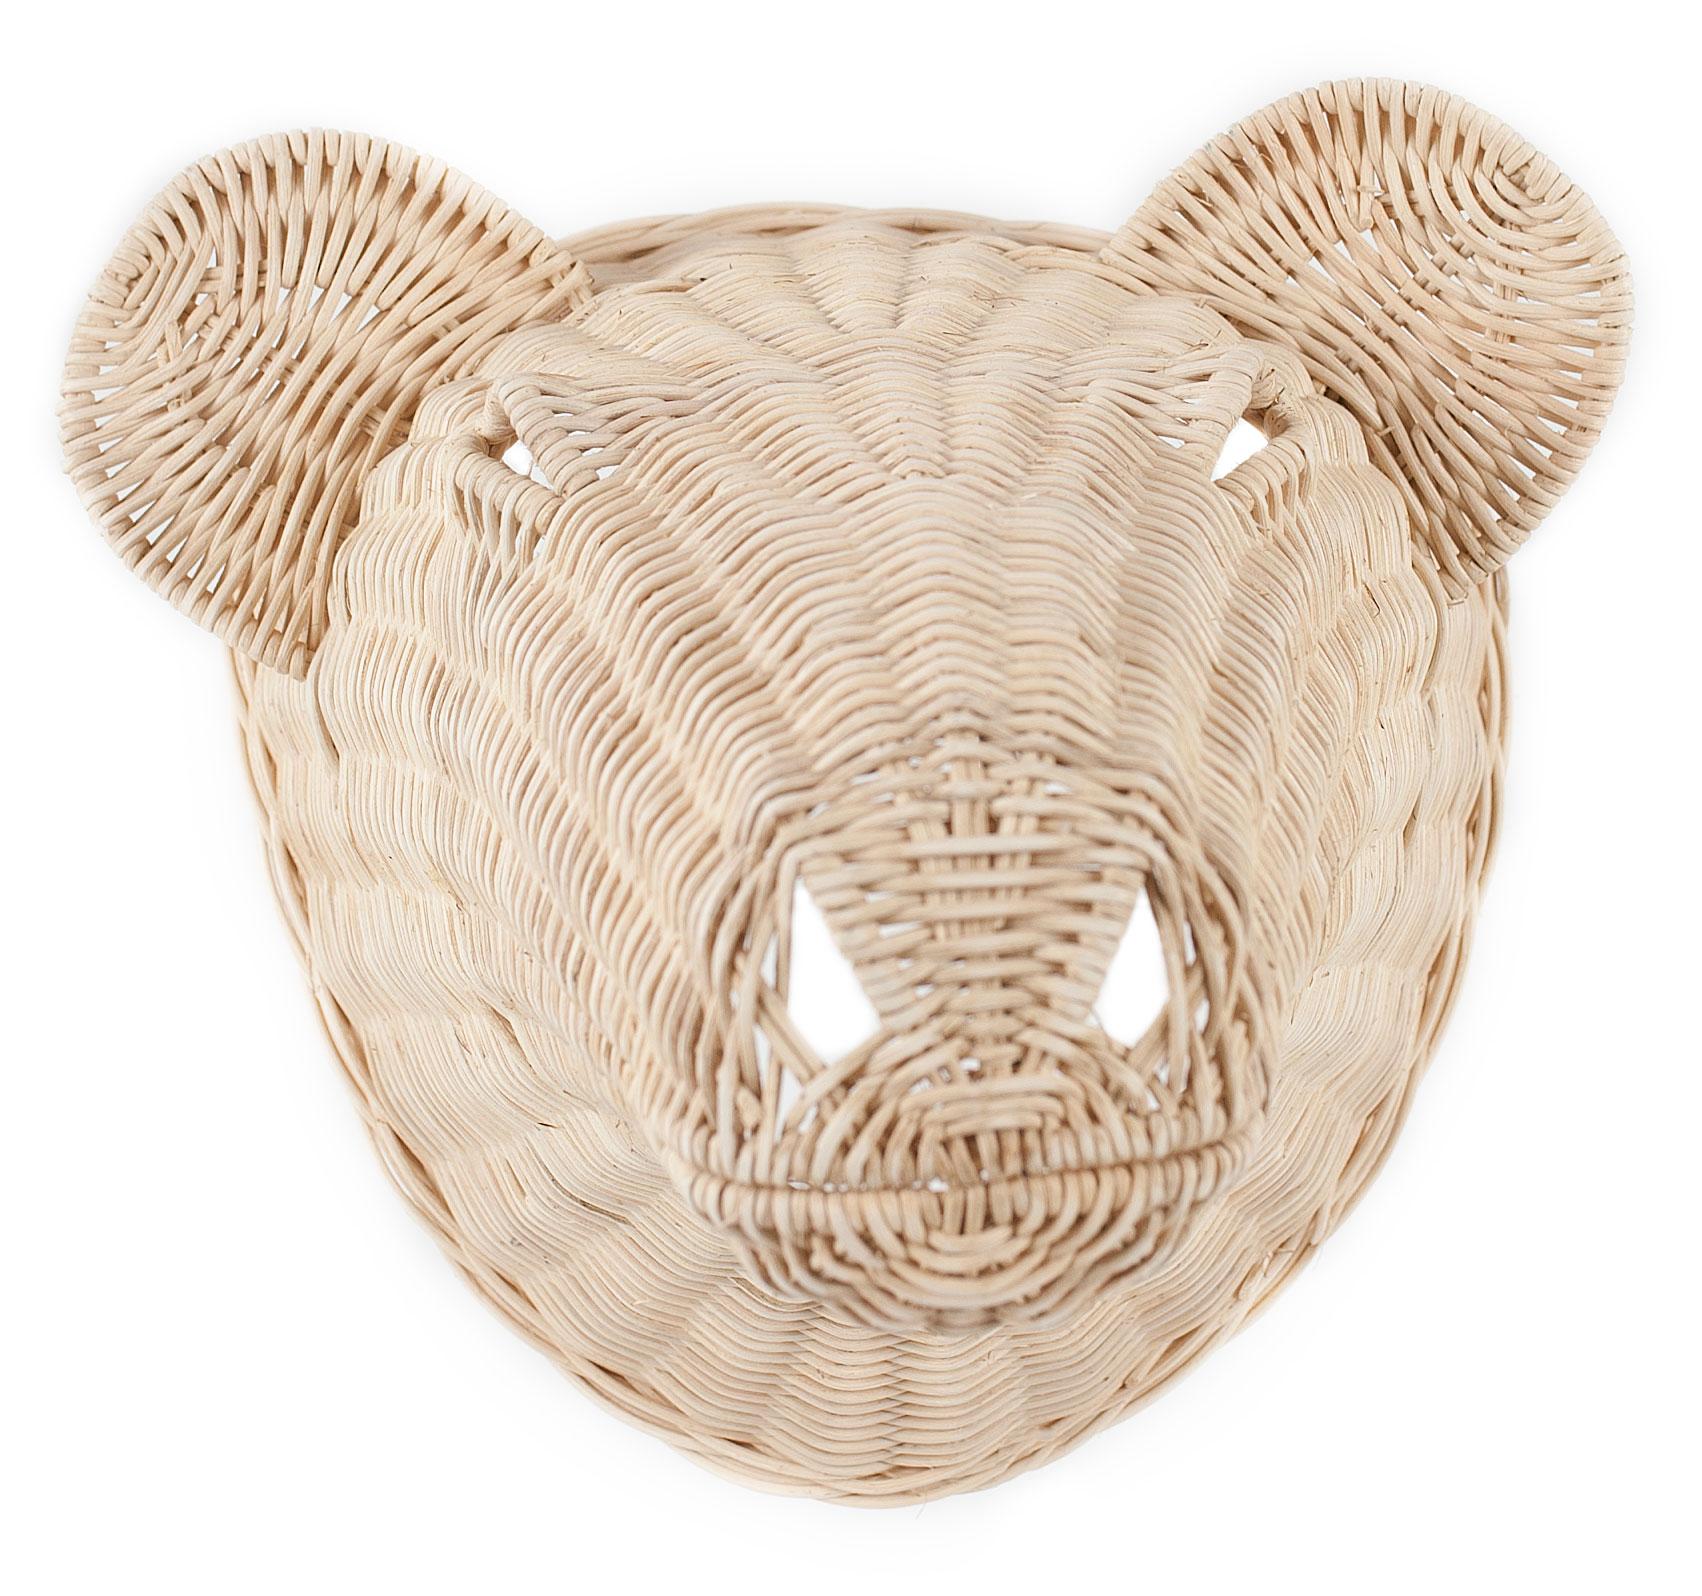 Bären Rattan